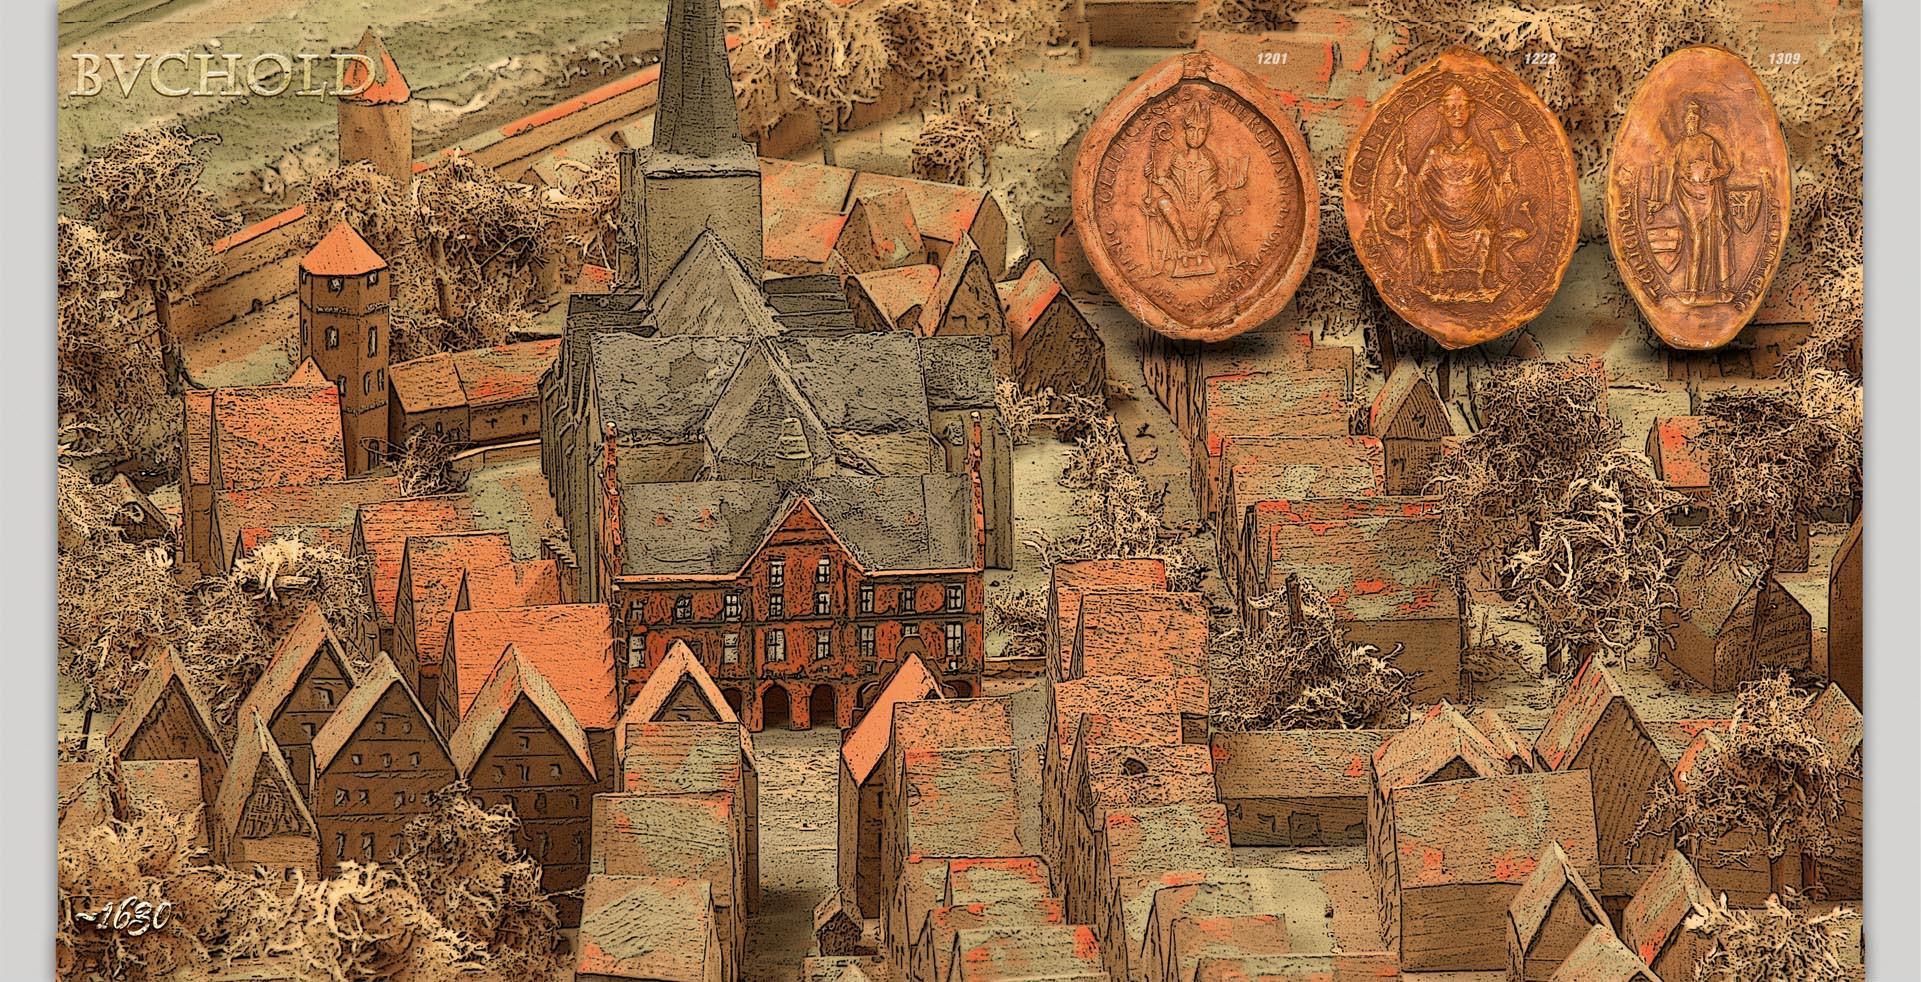 Buchold 1630 historische Stadtansicht, 46397 Bocholt, NRW, Deutschland